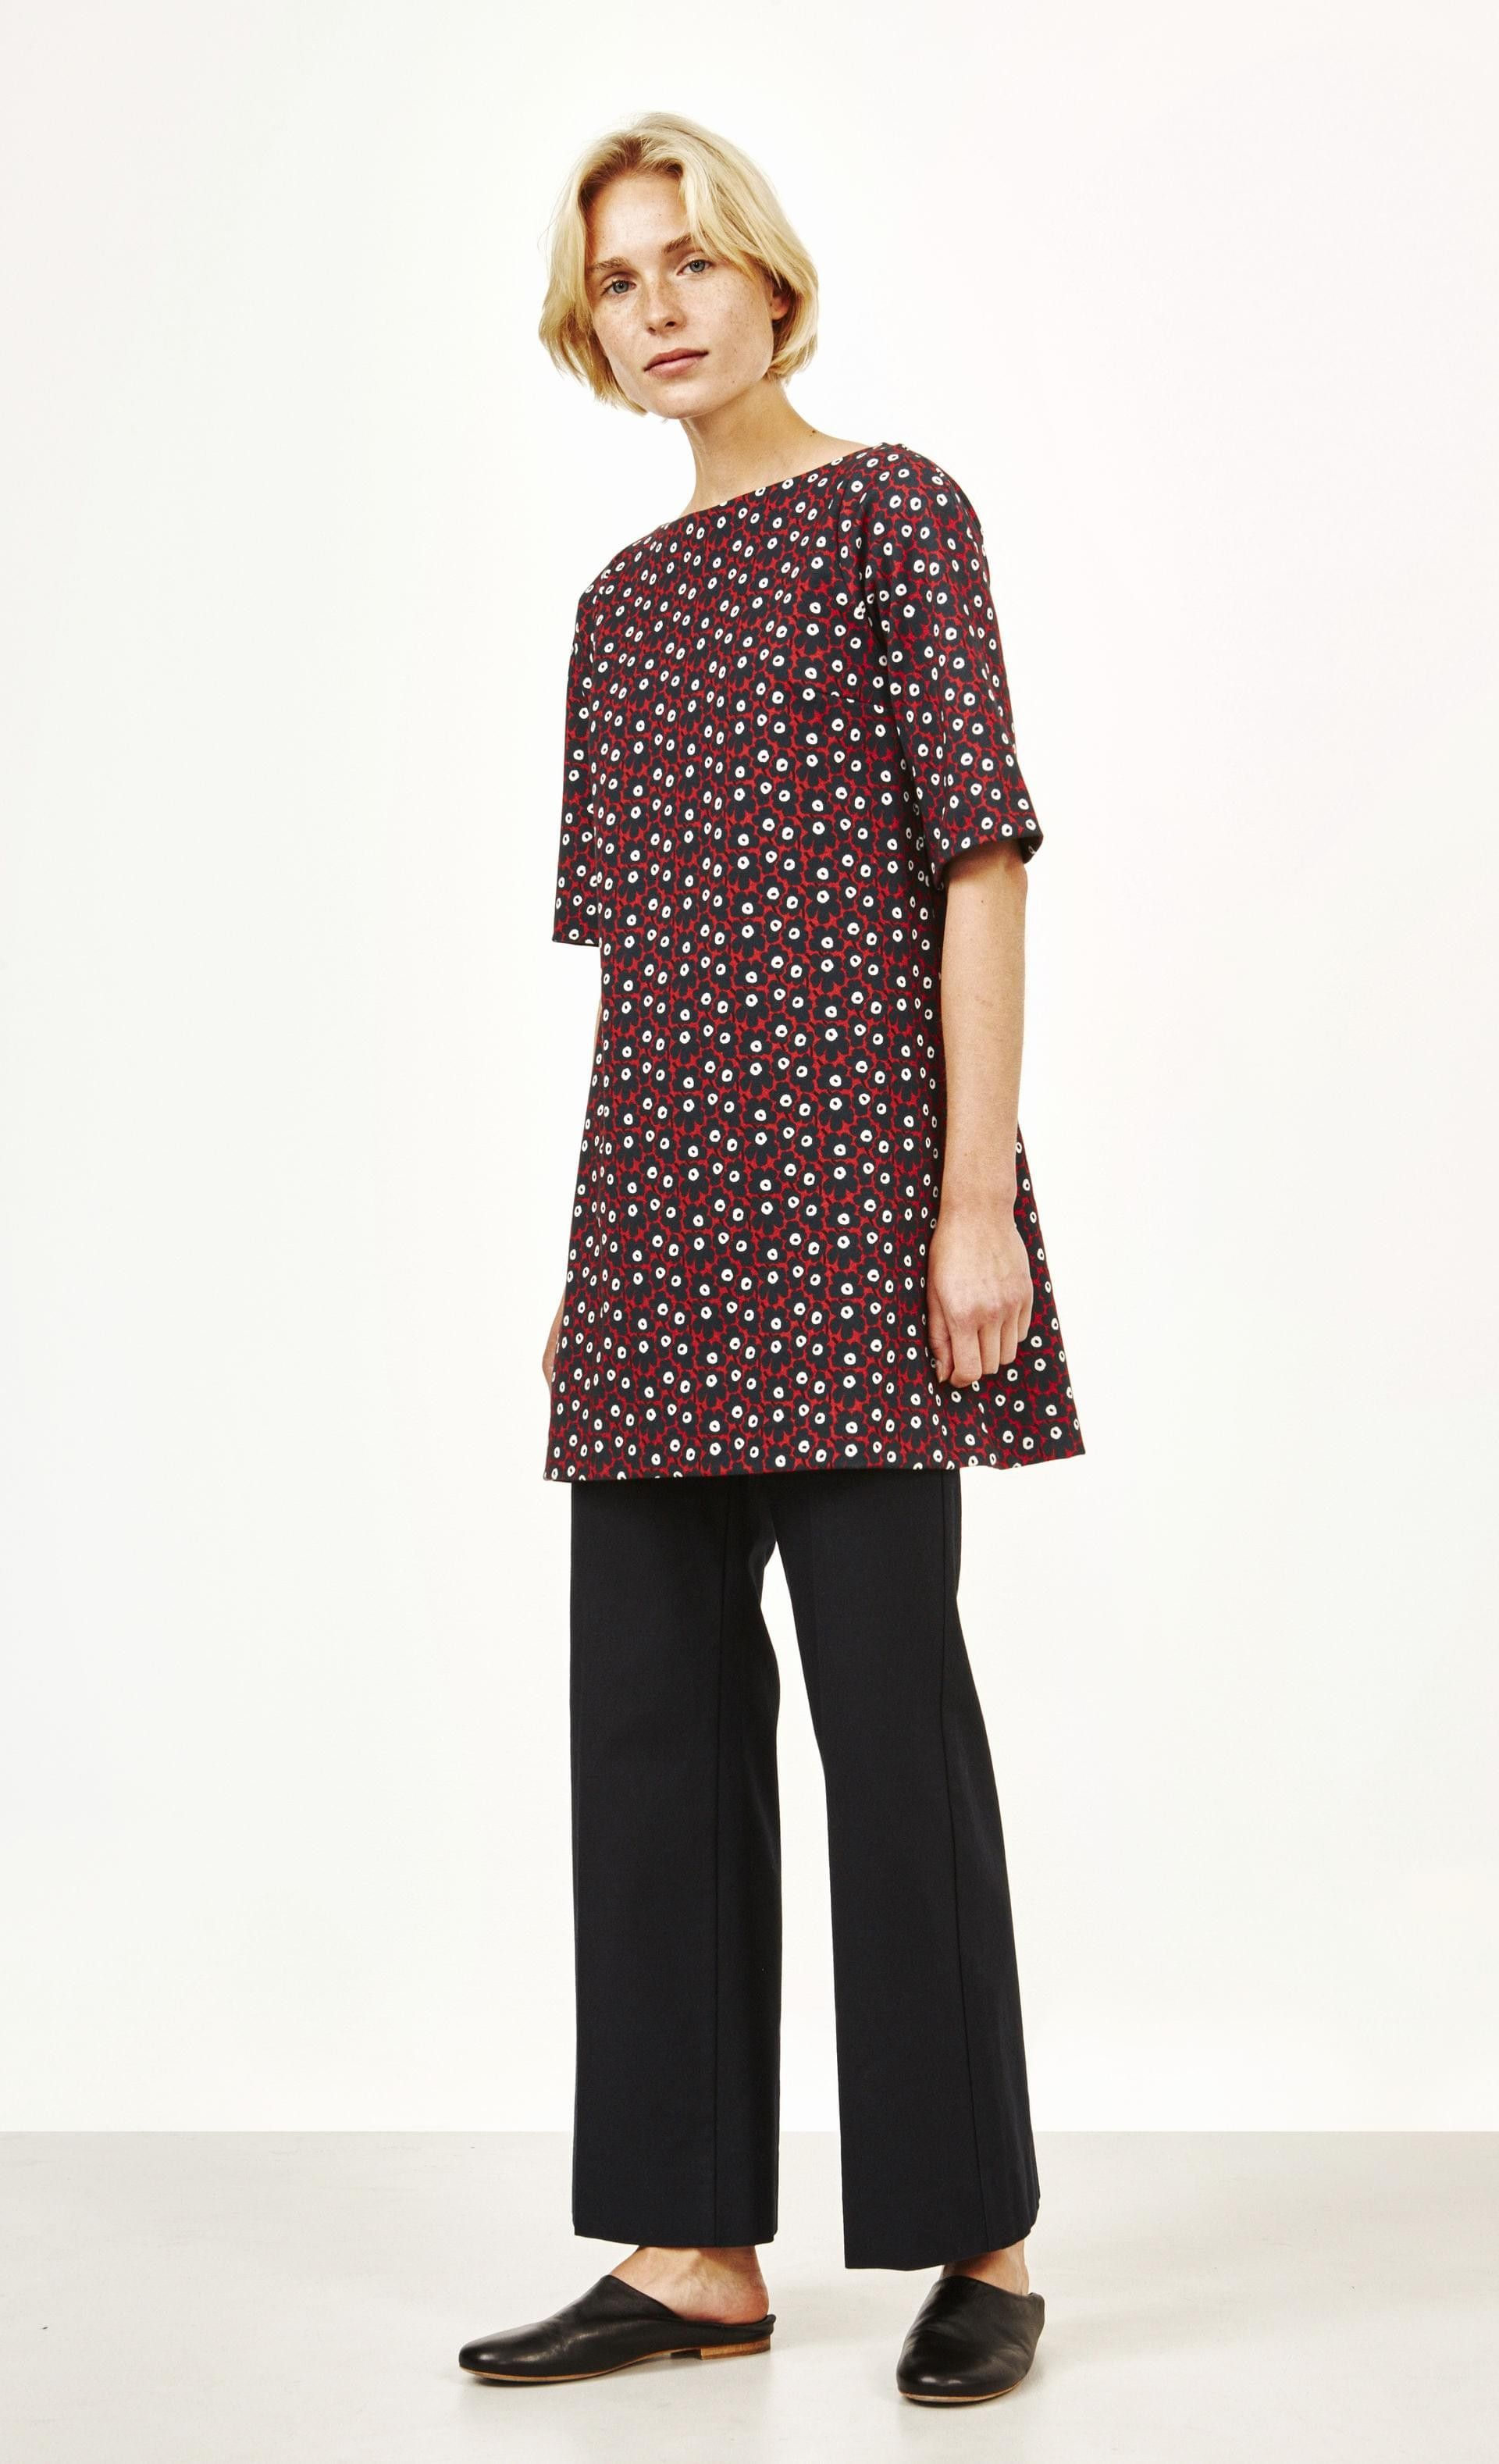 Uuden malliston paidat nyt Marimekon verkkokaupassa. Tervetuloa ostoksille!